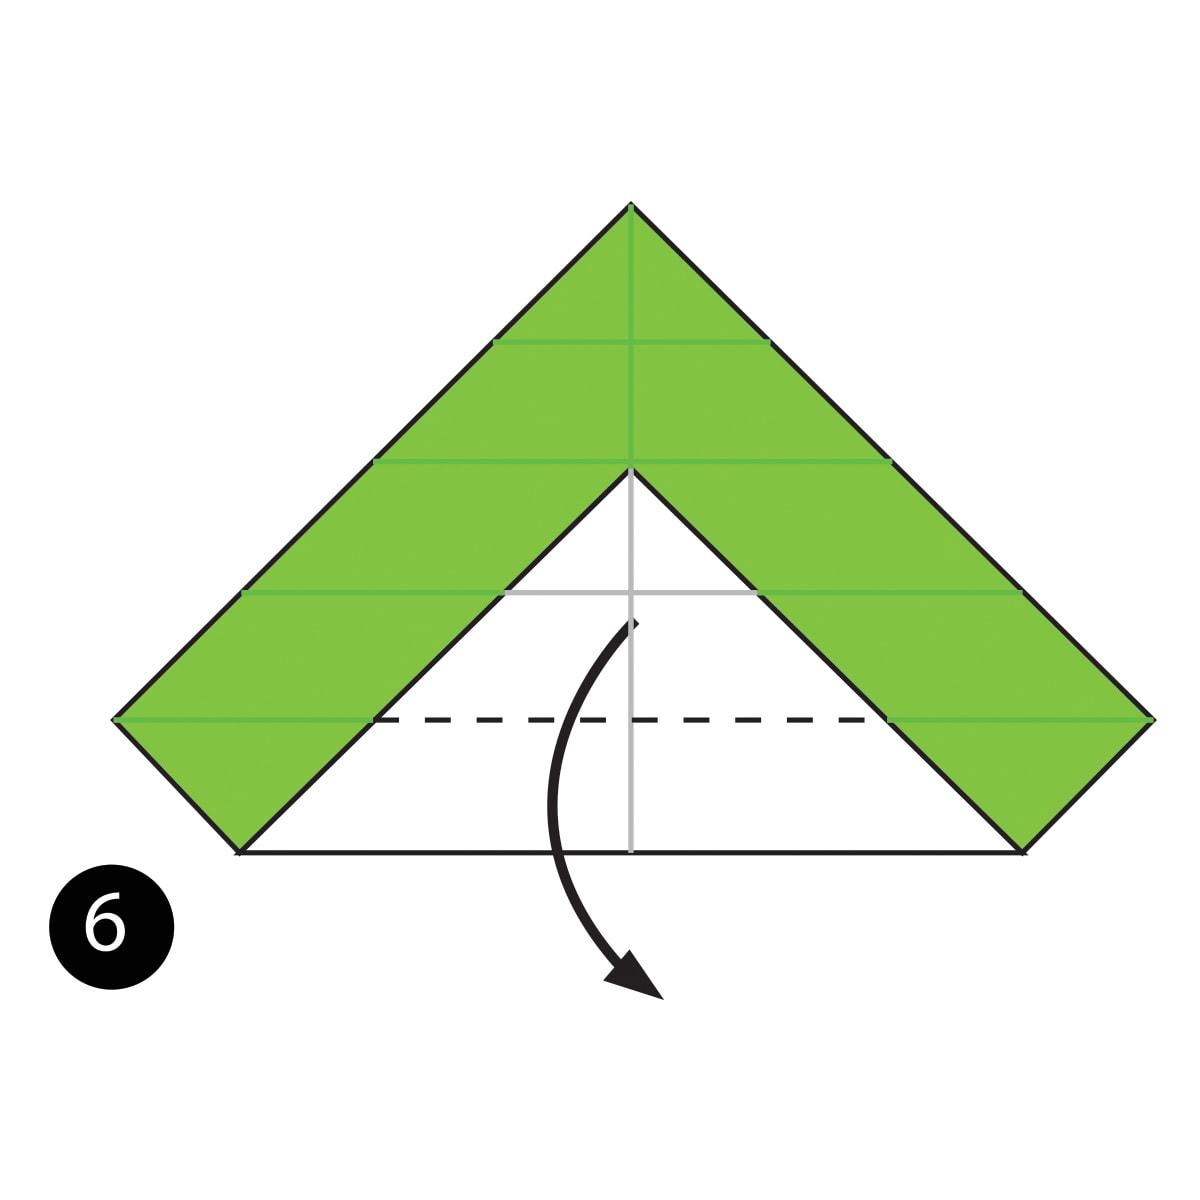 Snake Step 6